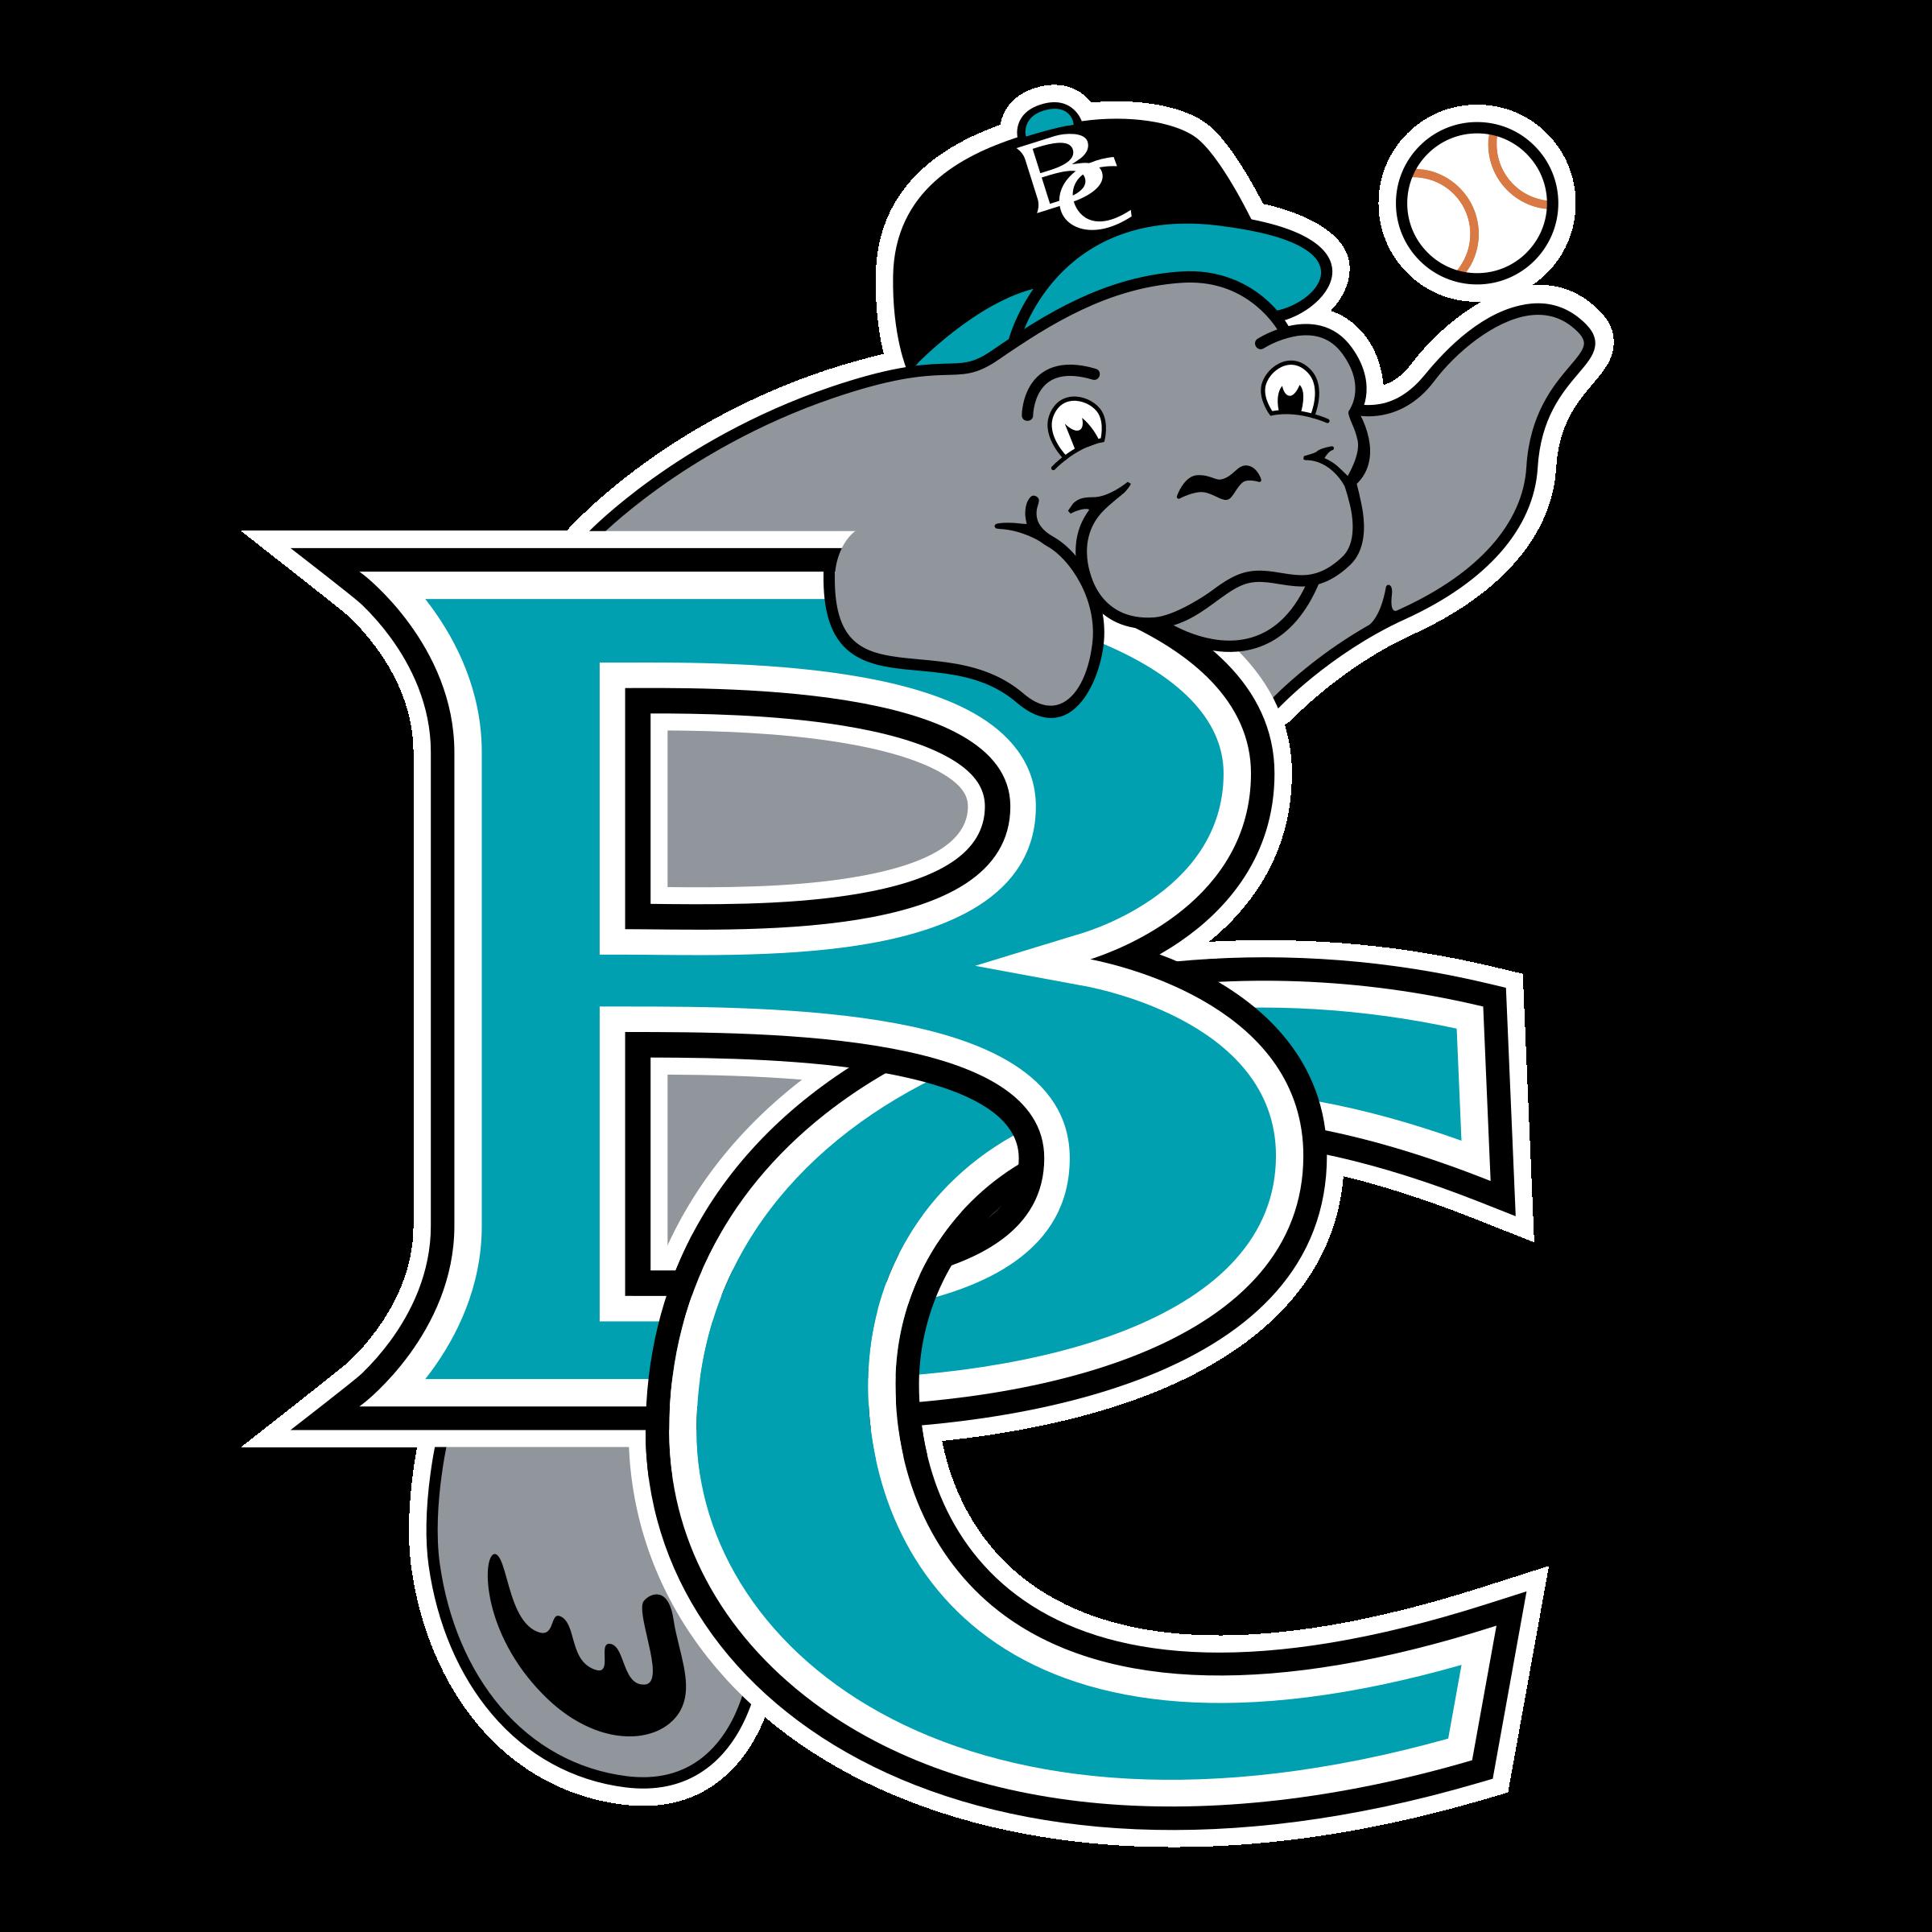 Brevard county manatees logo. Manatee clipart svg